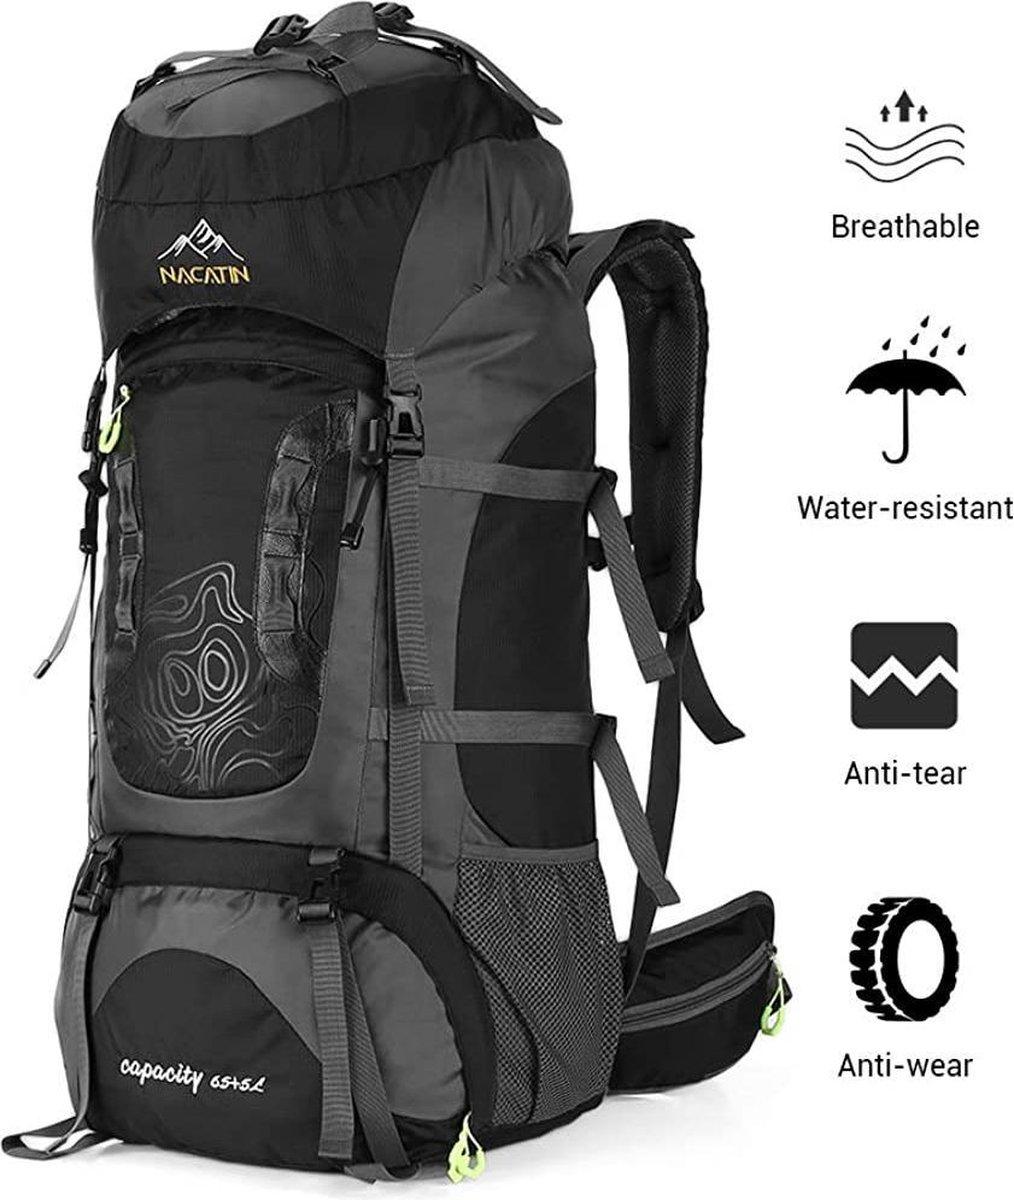 Nacatin Backpack - Waterafstotend - Inclusief regenhoes - Outdoor Wandel Rugzak - 70 Liter - Zwart/G